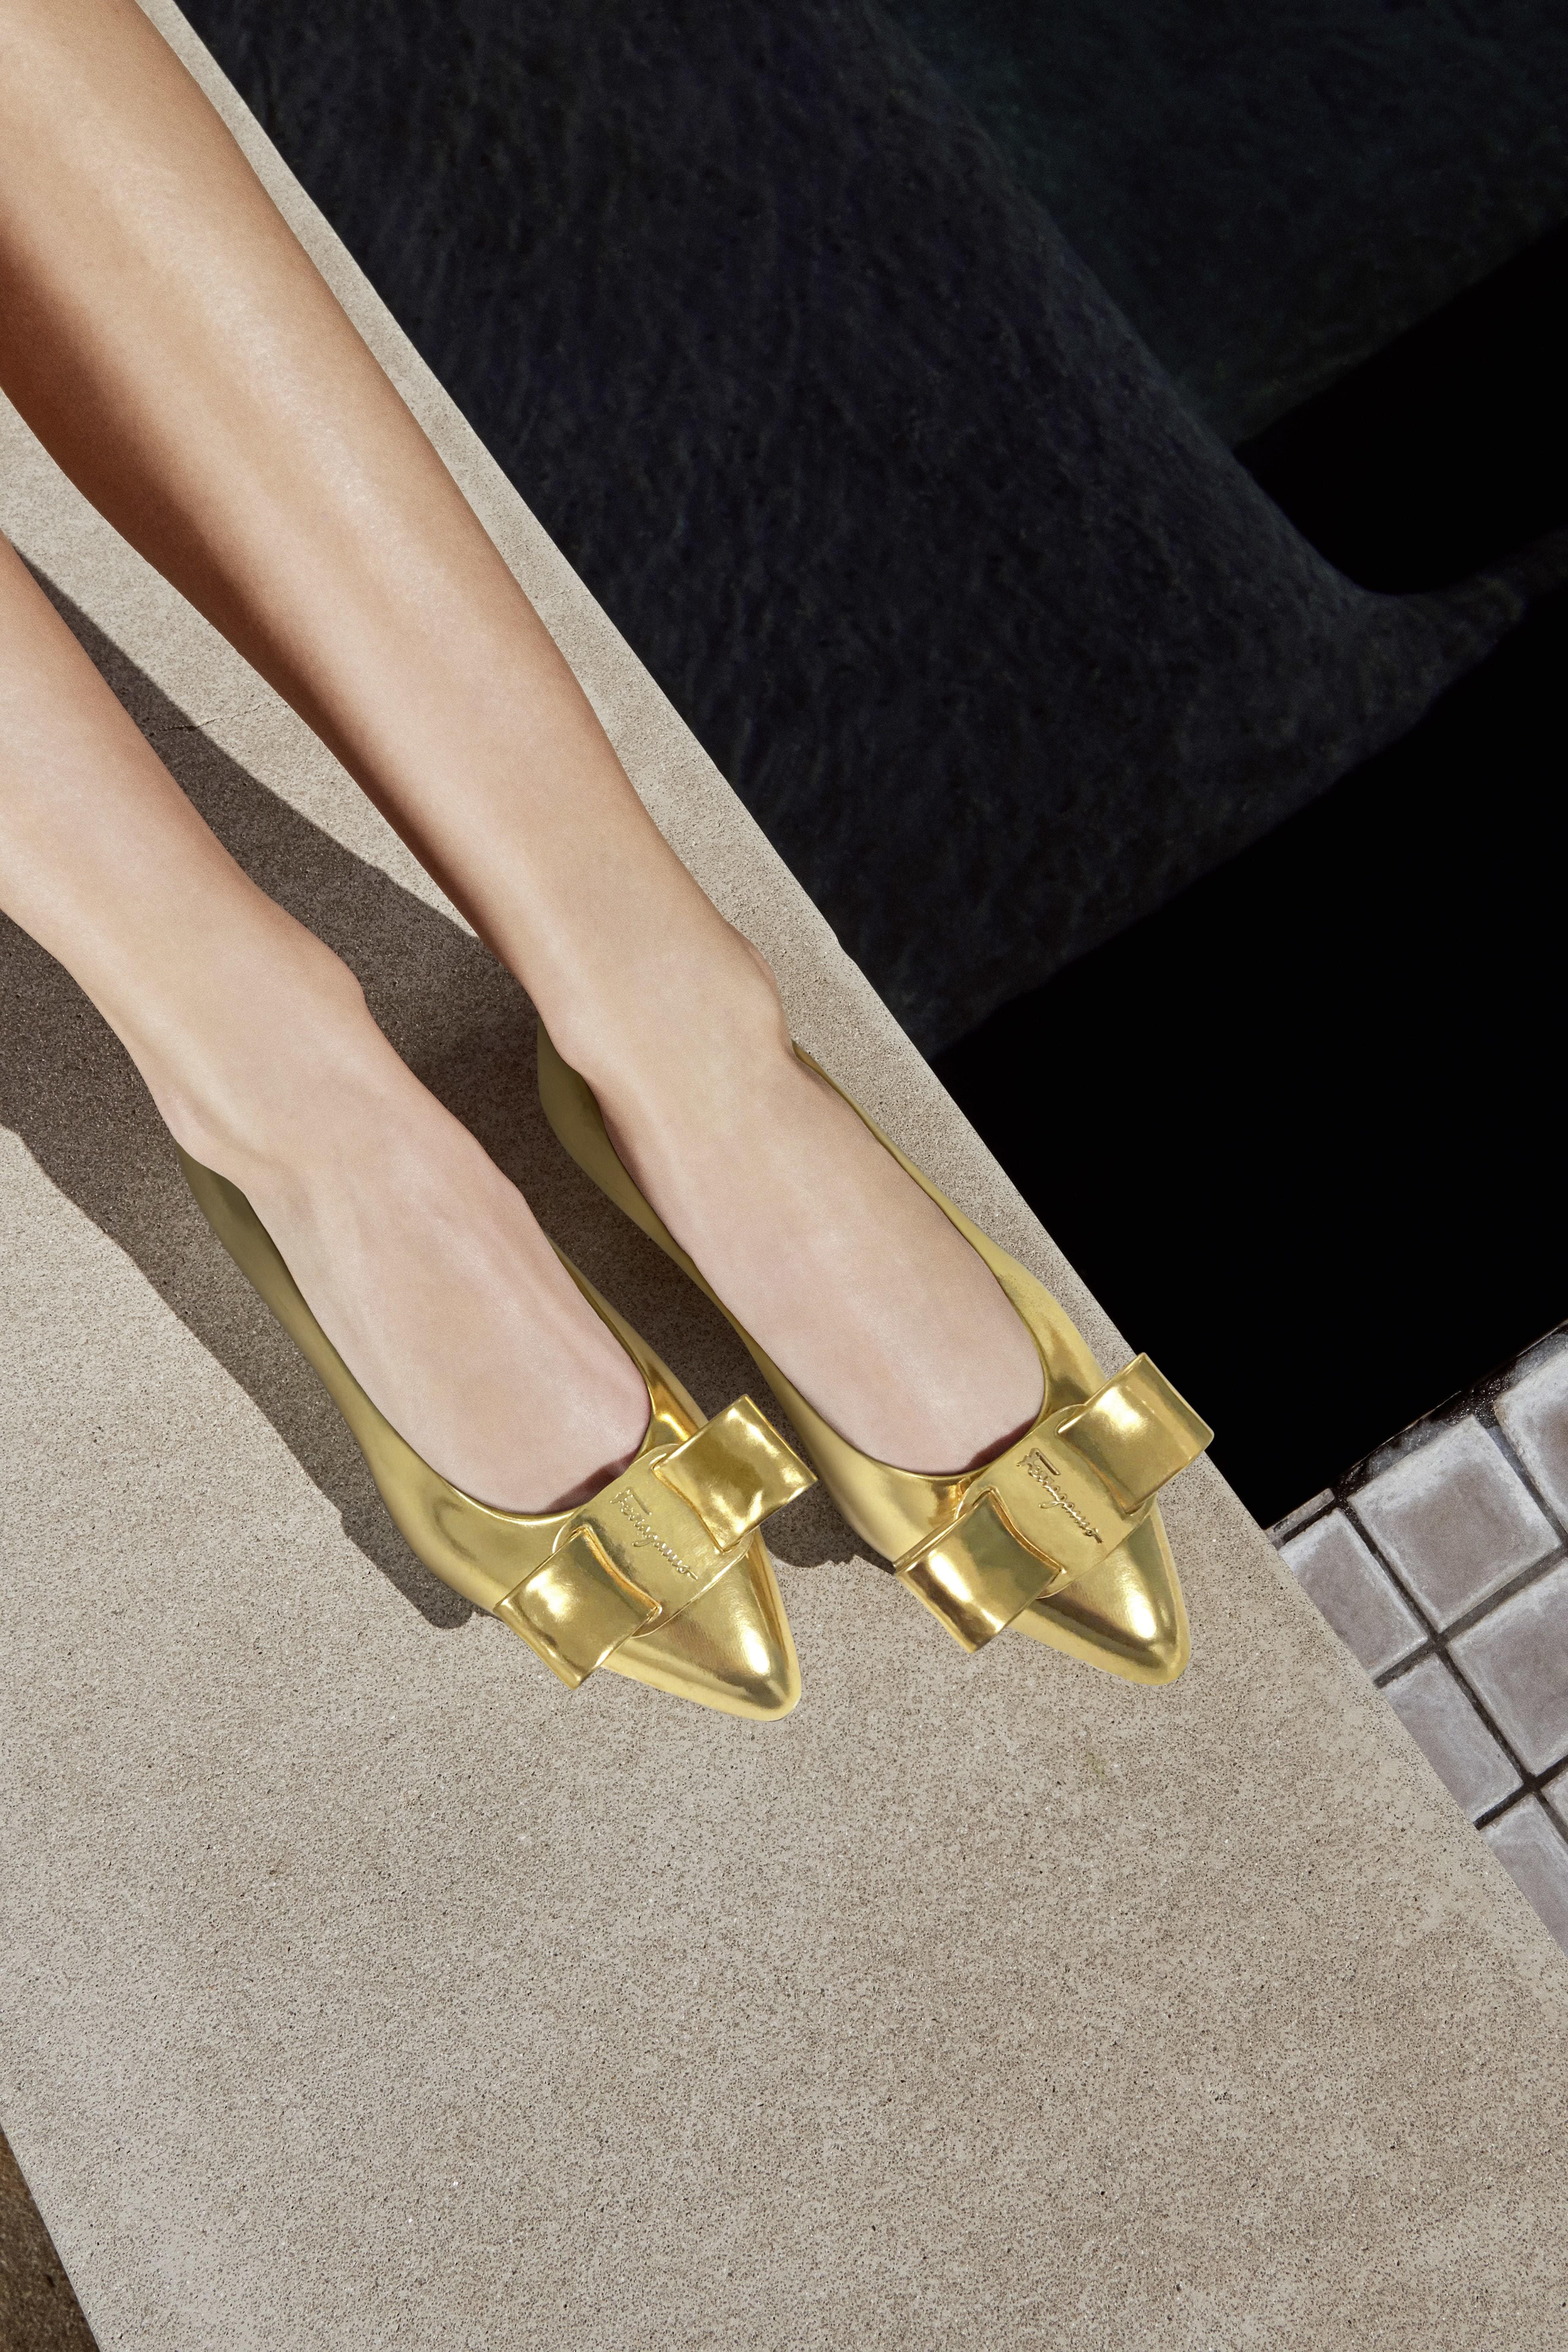 825e3d08 9720 47e7 8a23 118e7e1fe332 - Salvatore Ferragamo presenta la campaña del zapato 'VIVA'